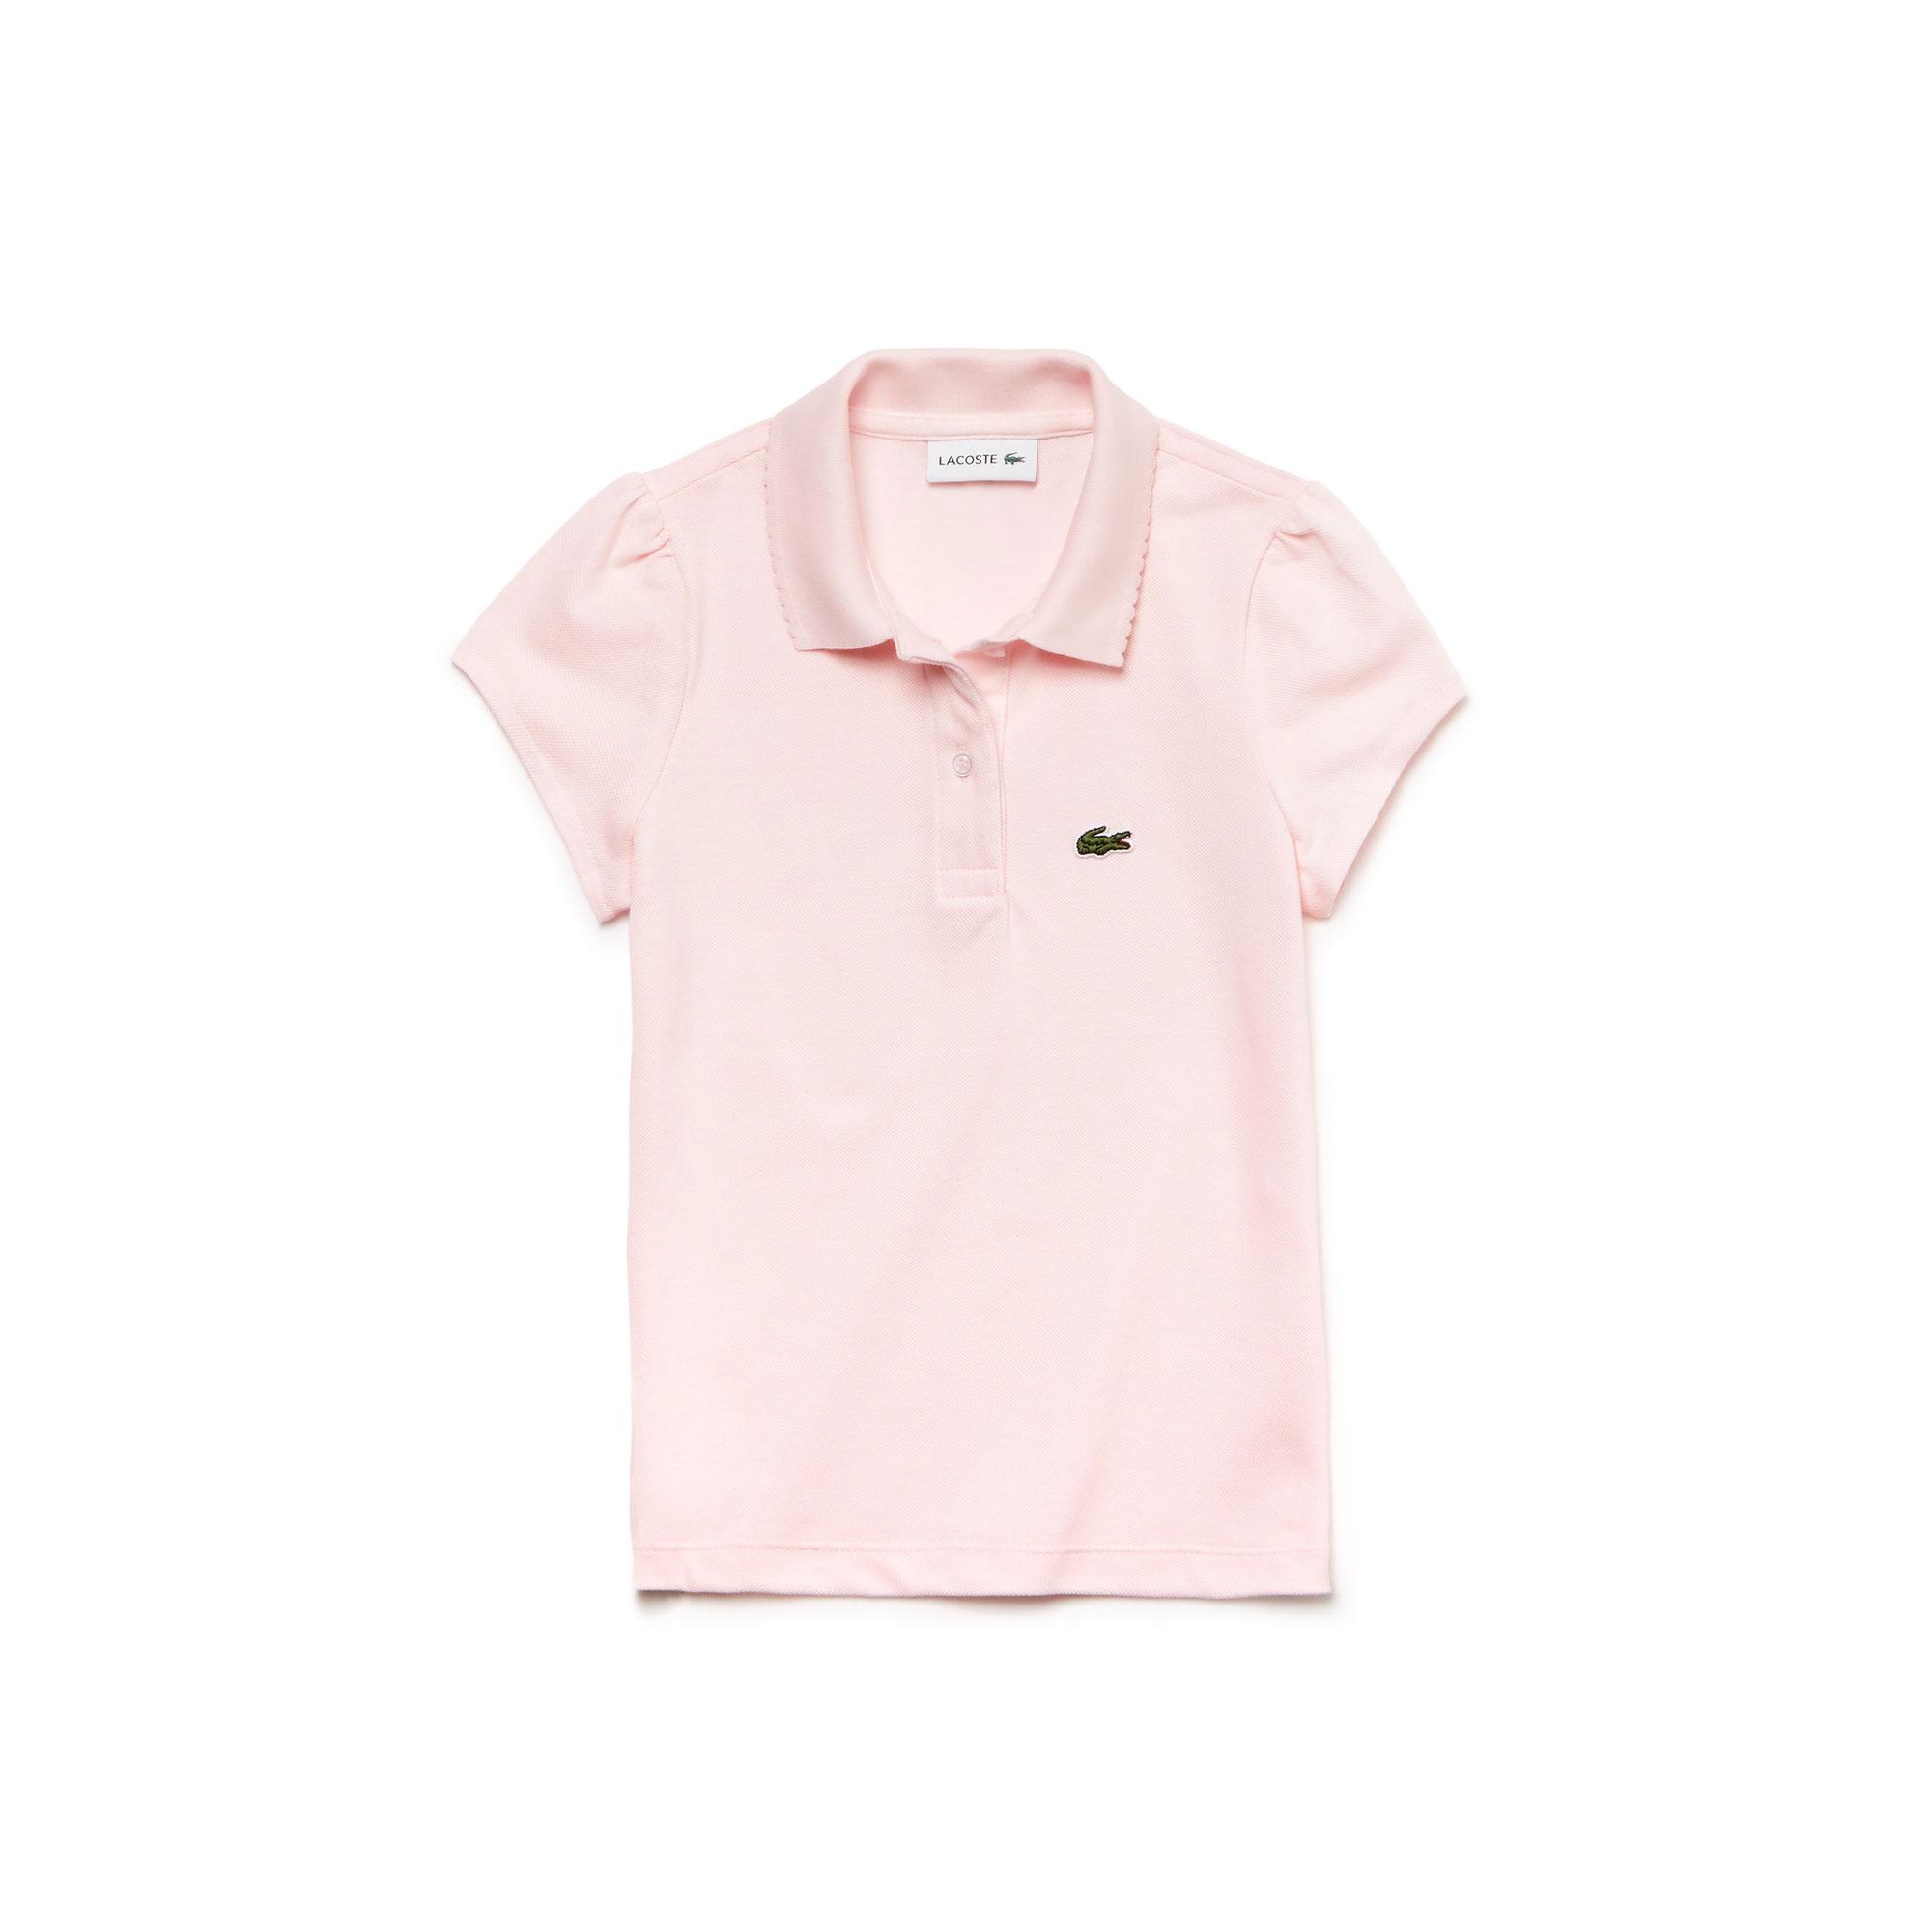 Lacoste Girls' Scalloped Collar Mini Piqué Polo Shirt